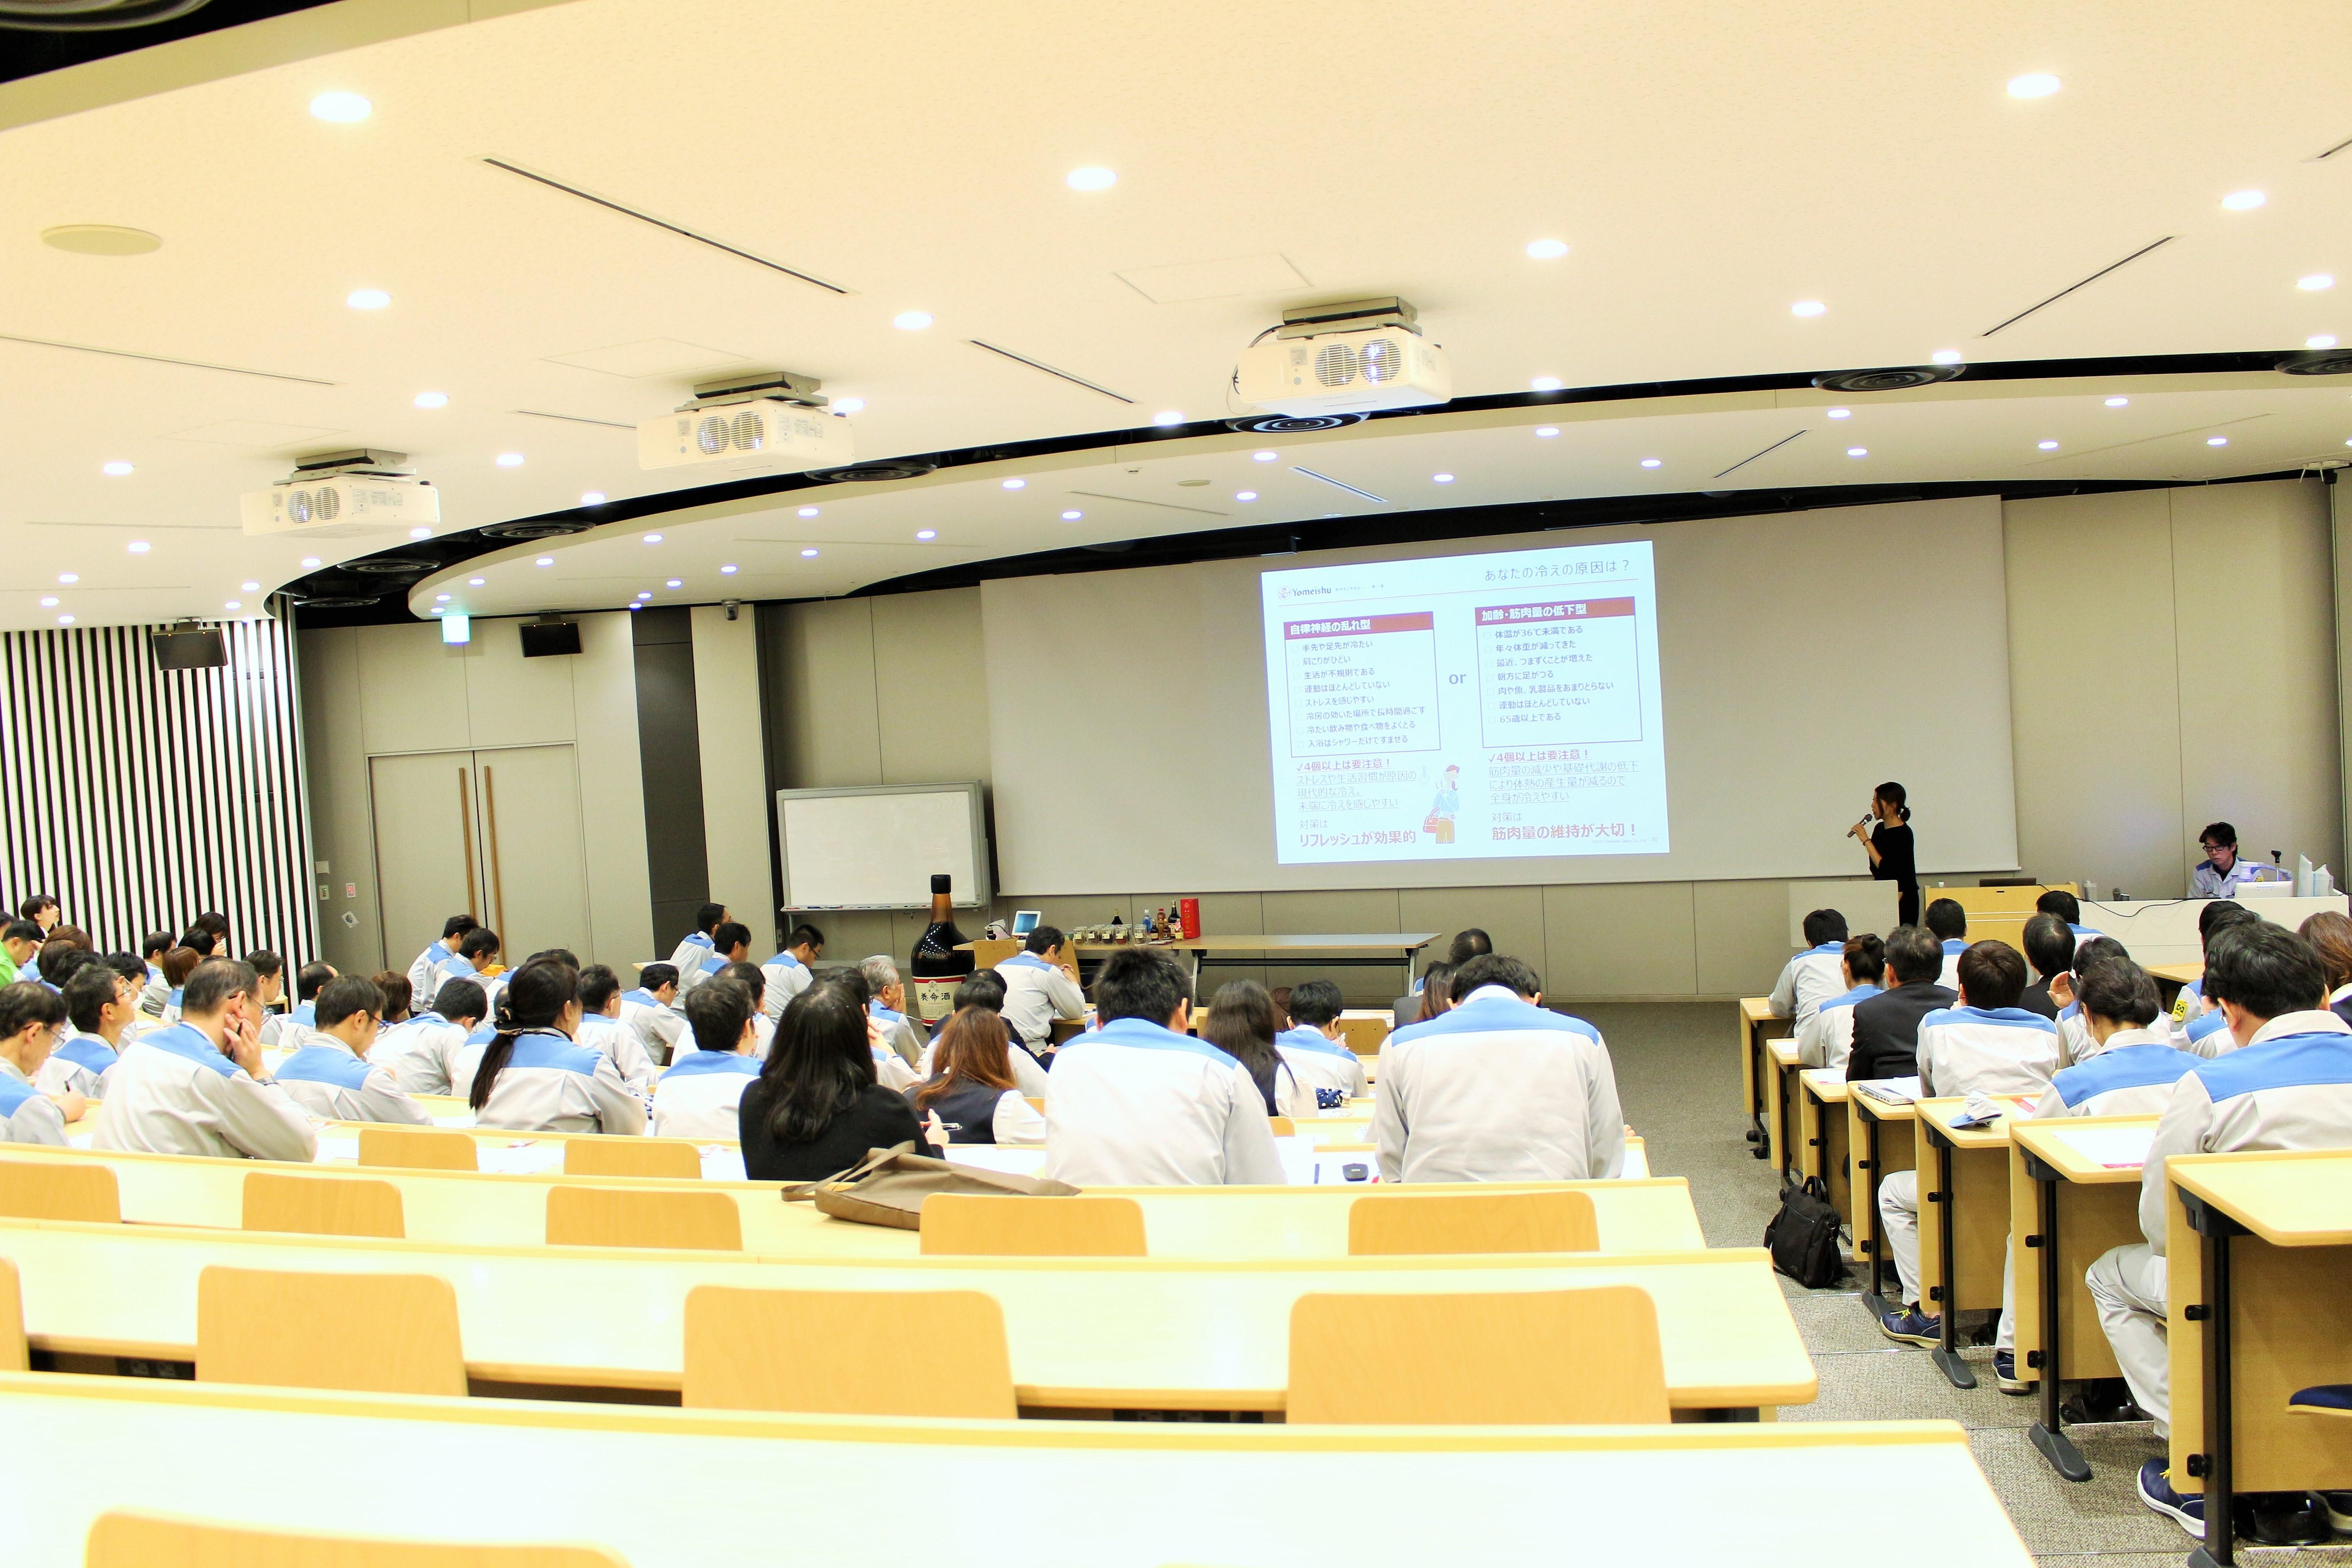 働く人のための企業・団体向け健康セミナーを開催しました